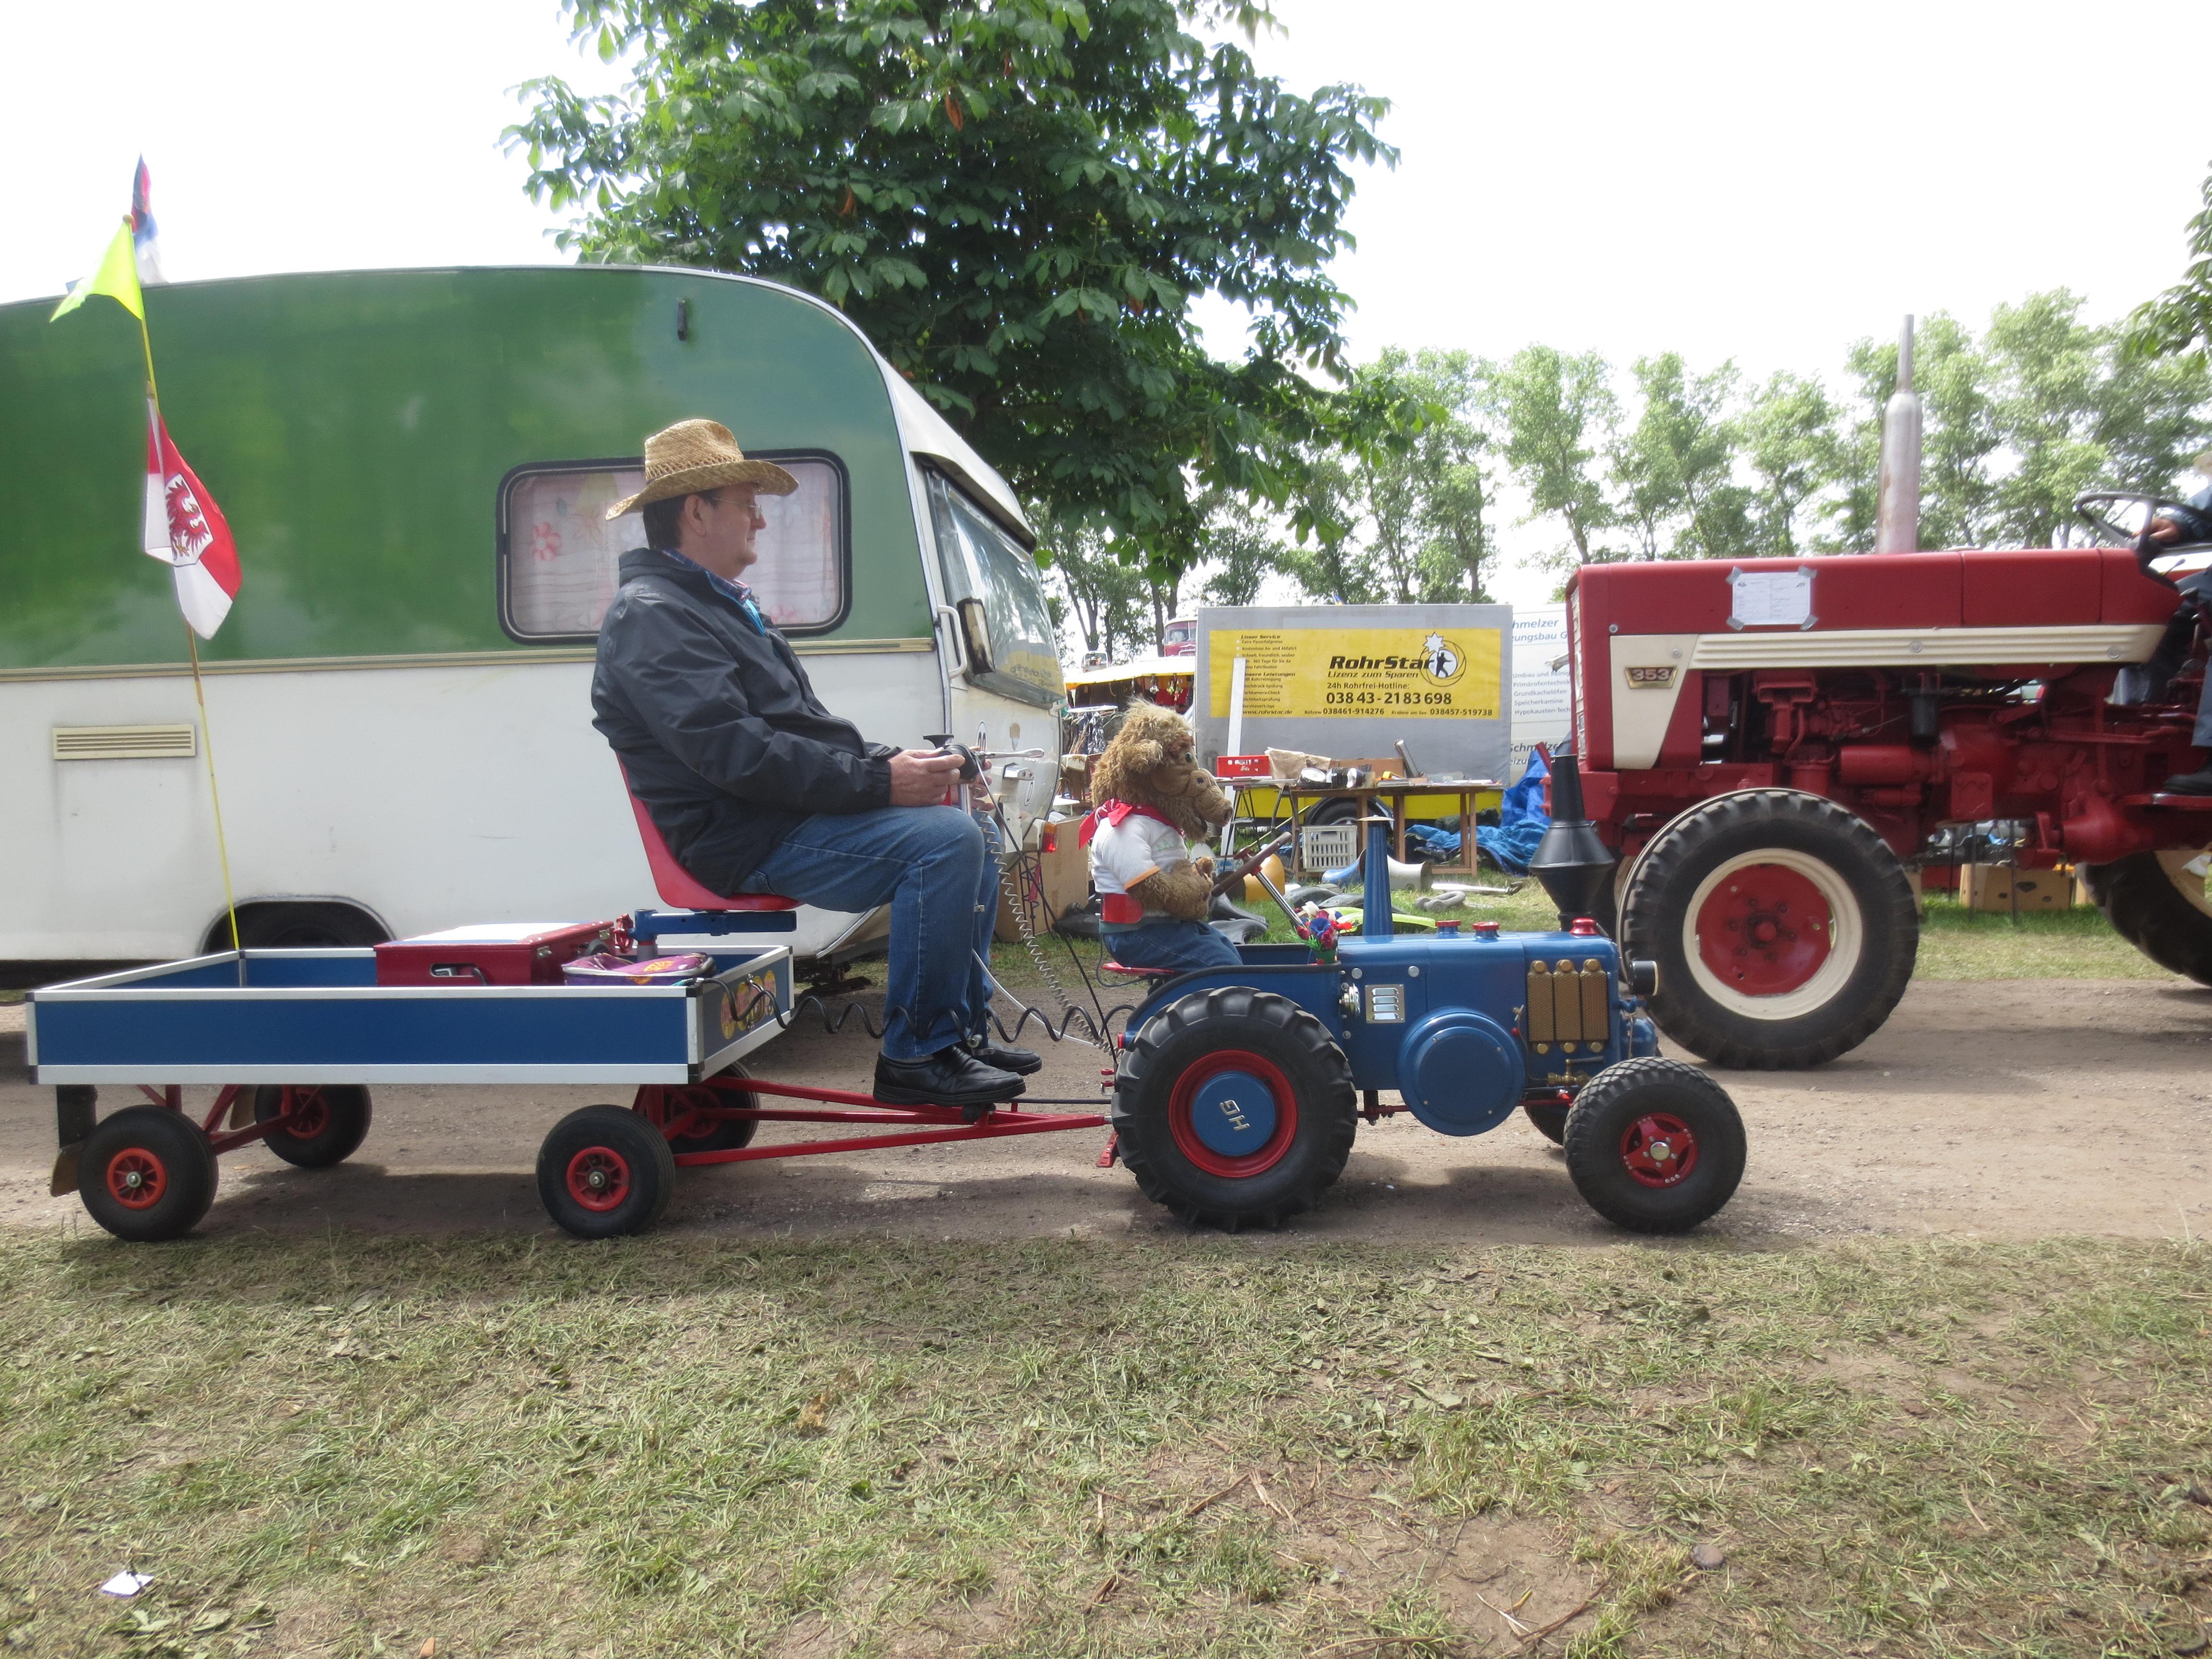 Tractor fan